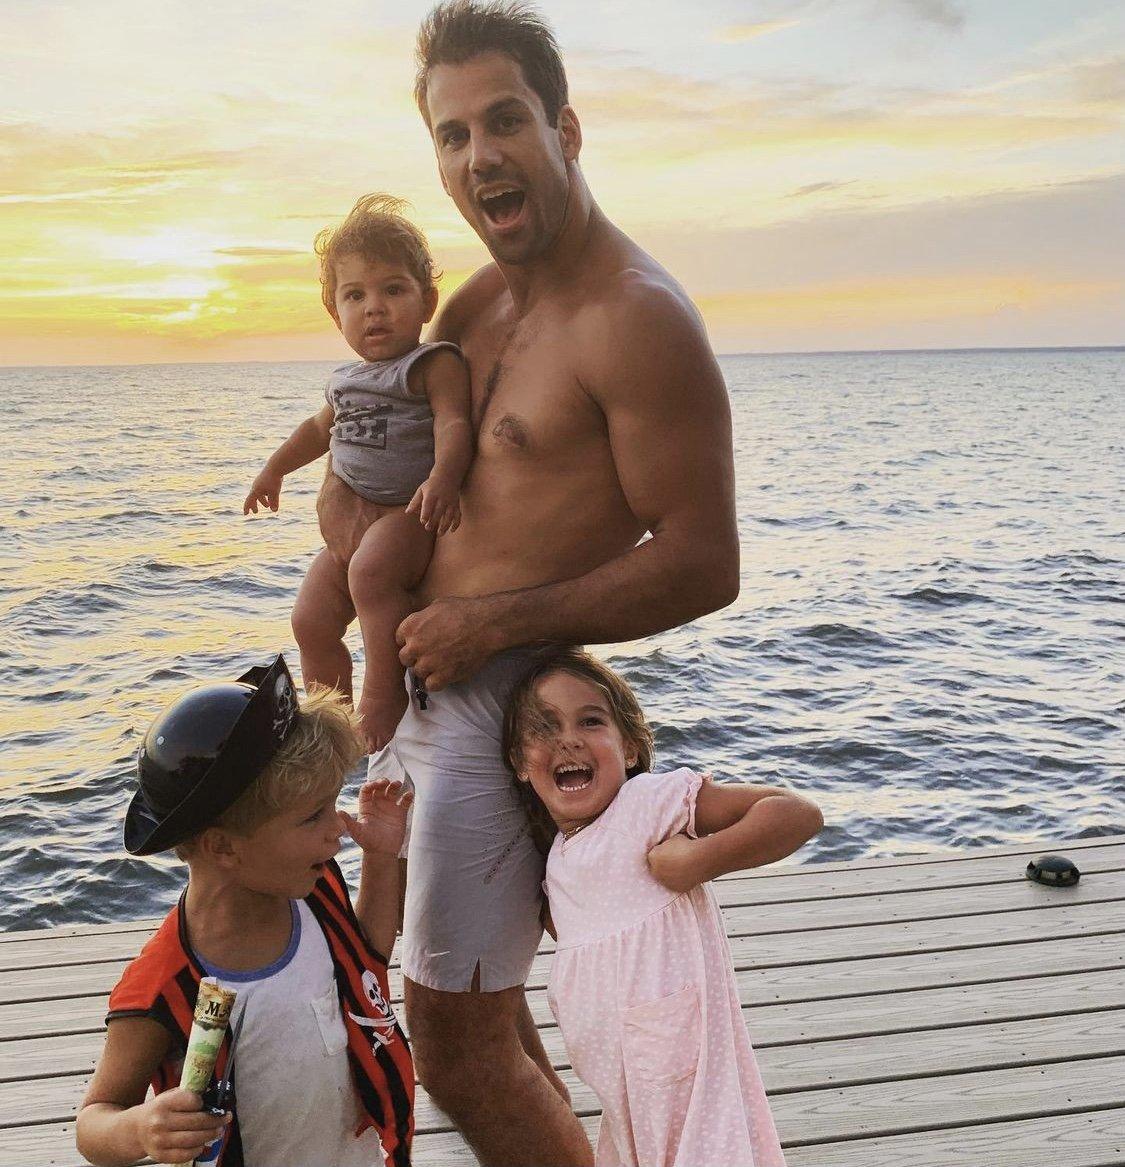 Eric decker with his children on pier